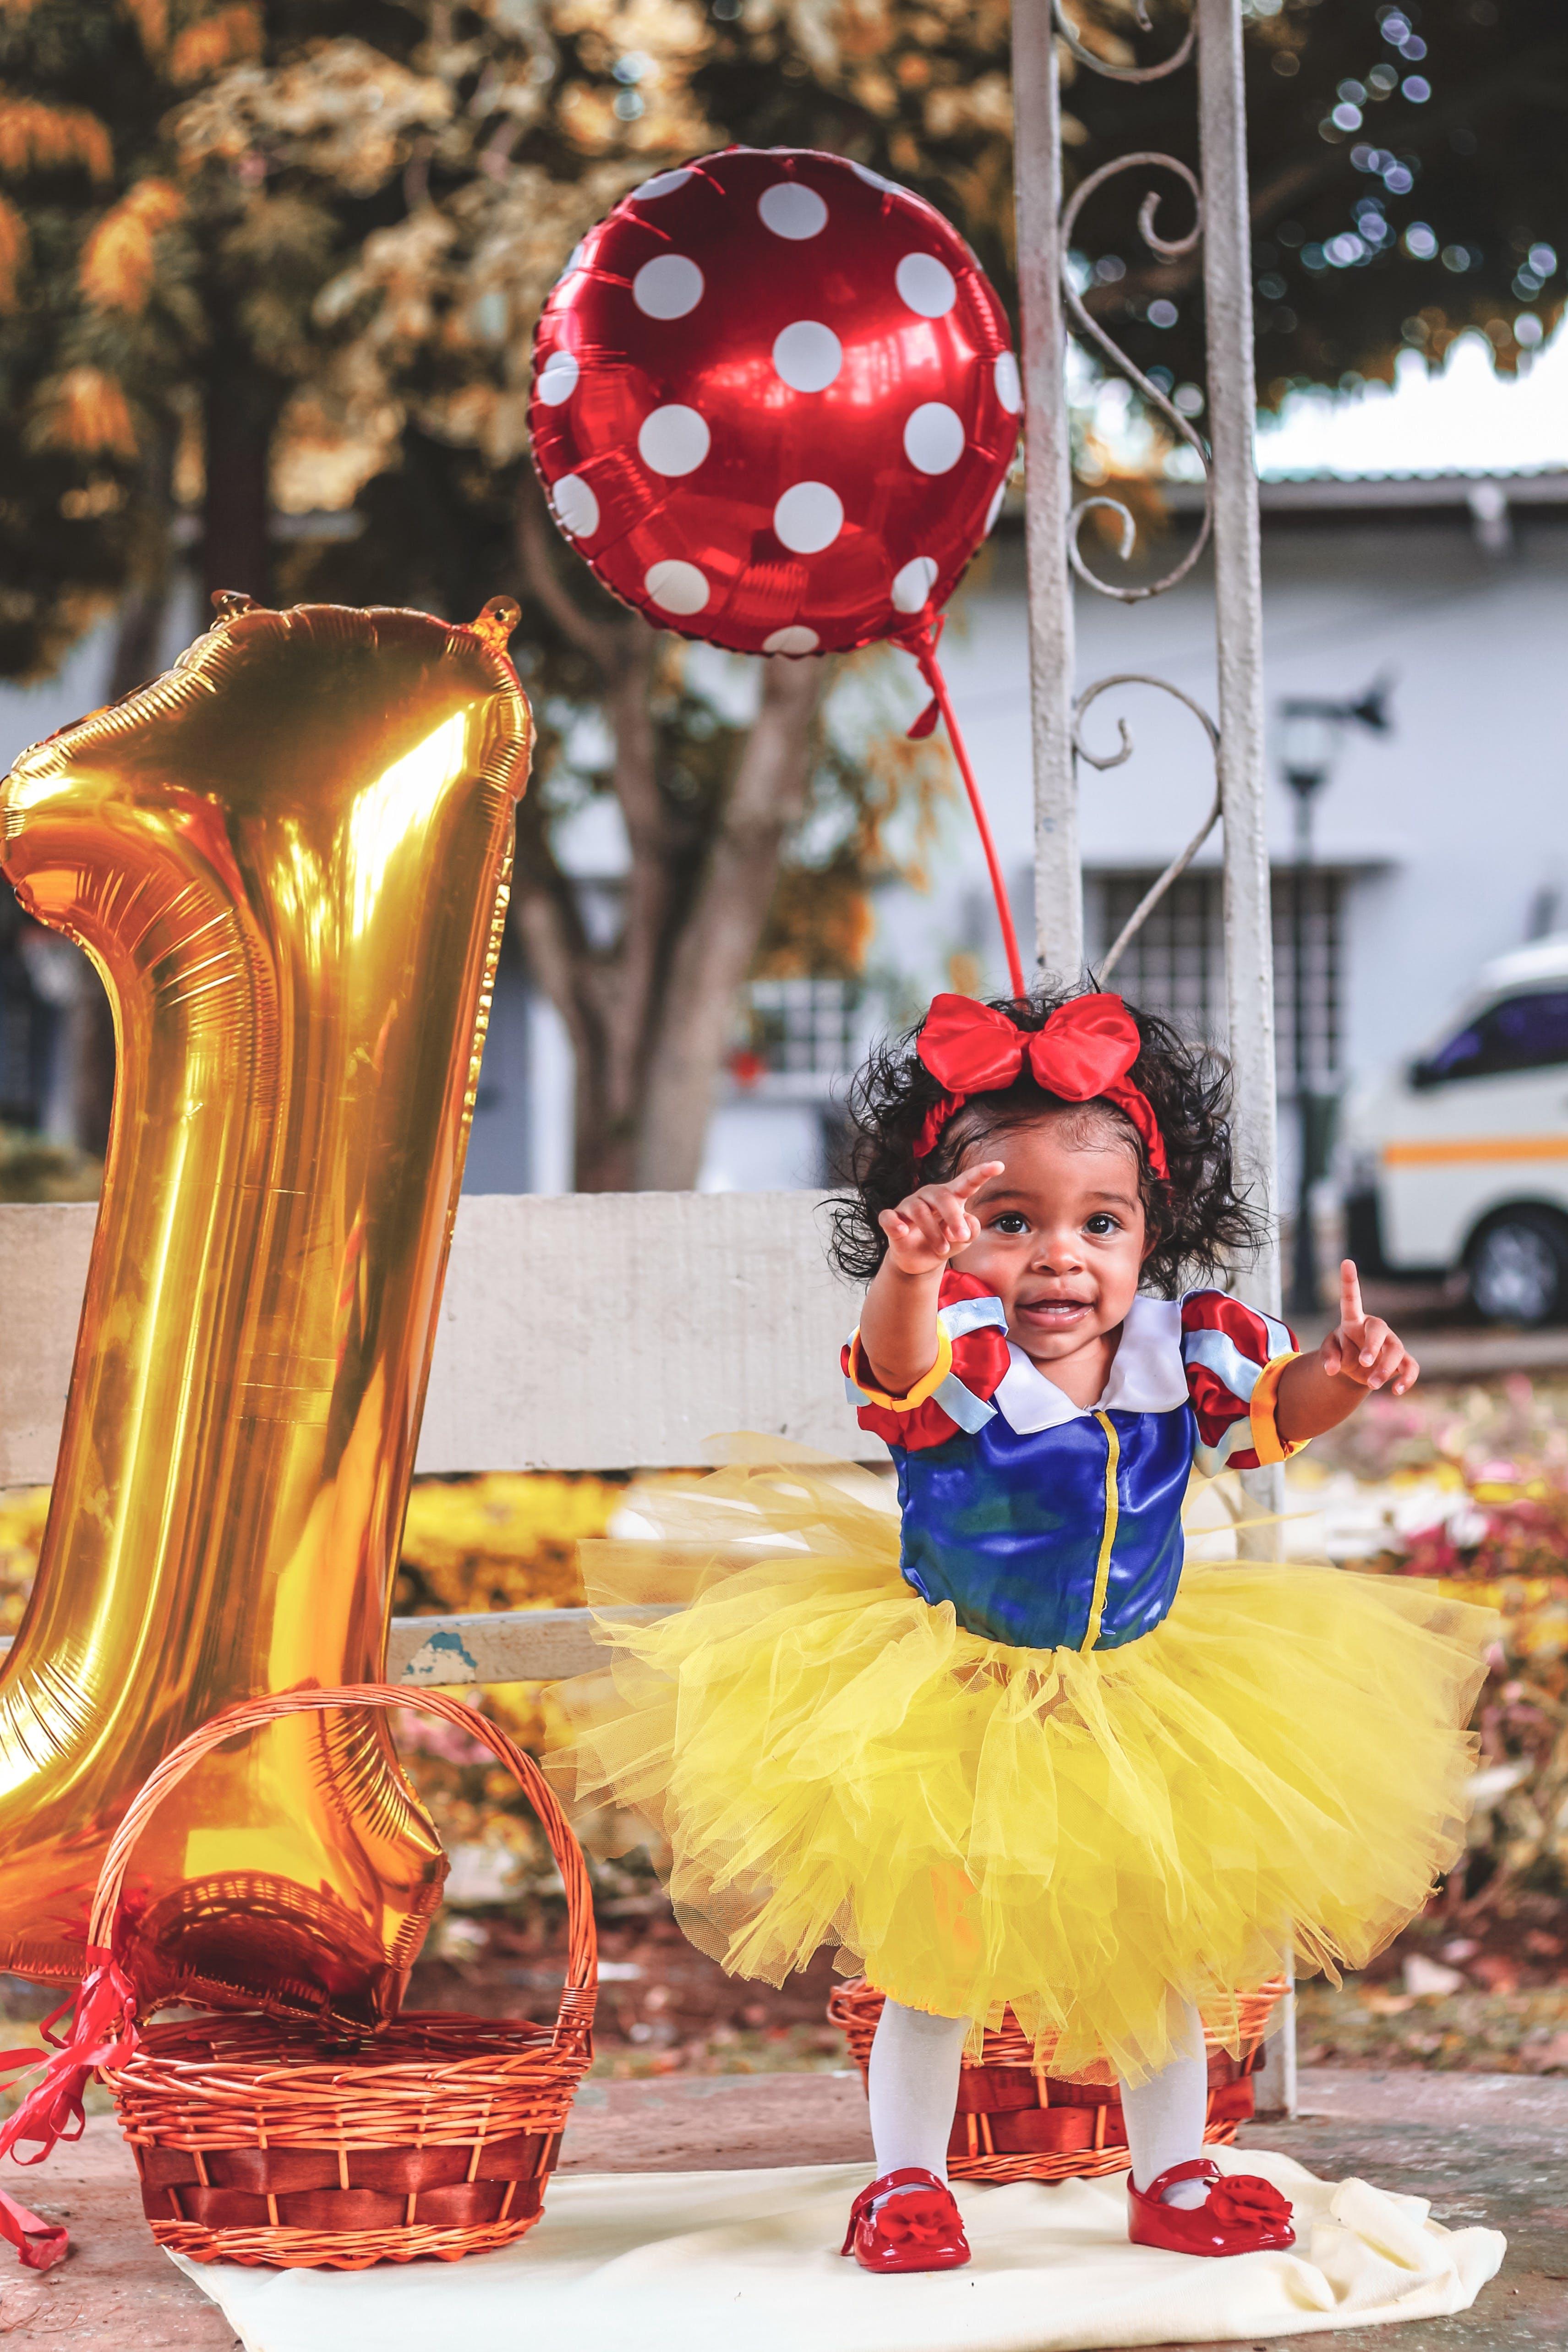 Gratis lagerfoto af baby, balletskørt, balloner, barn